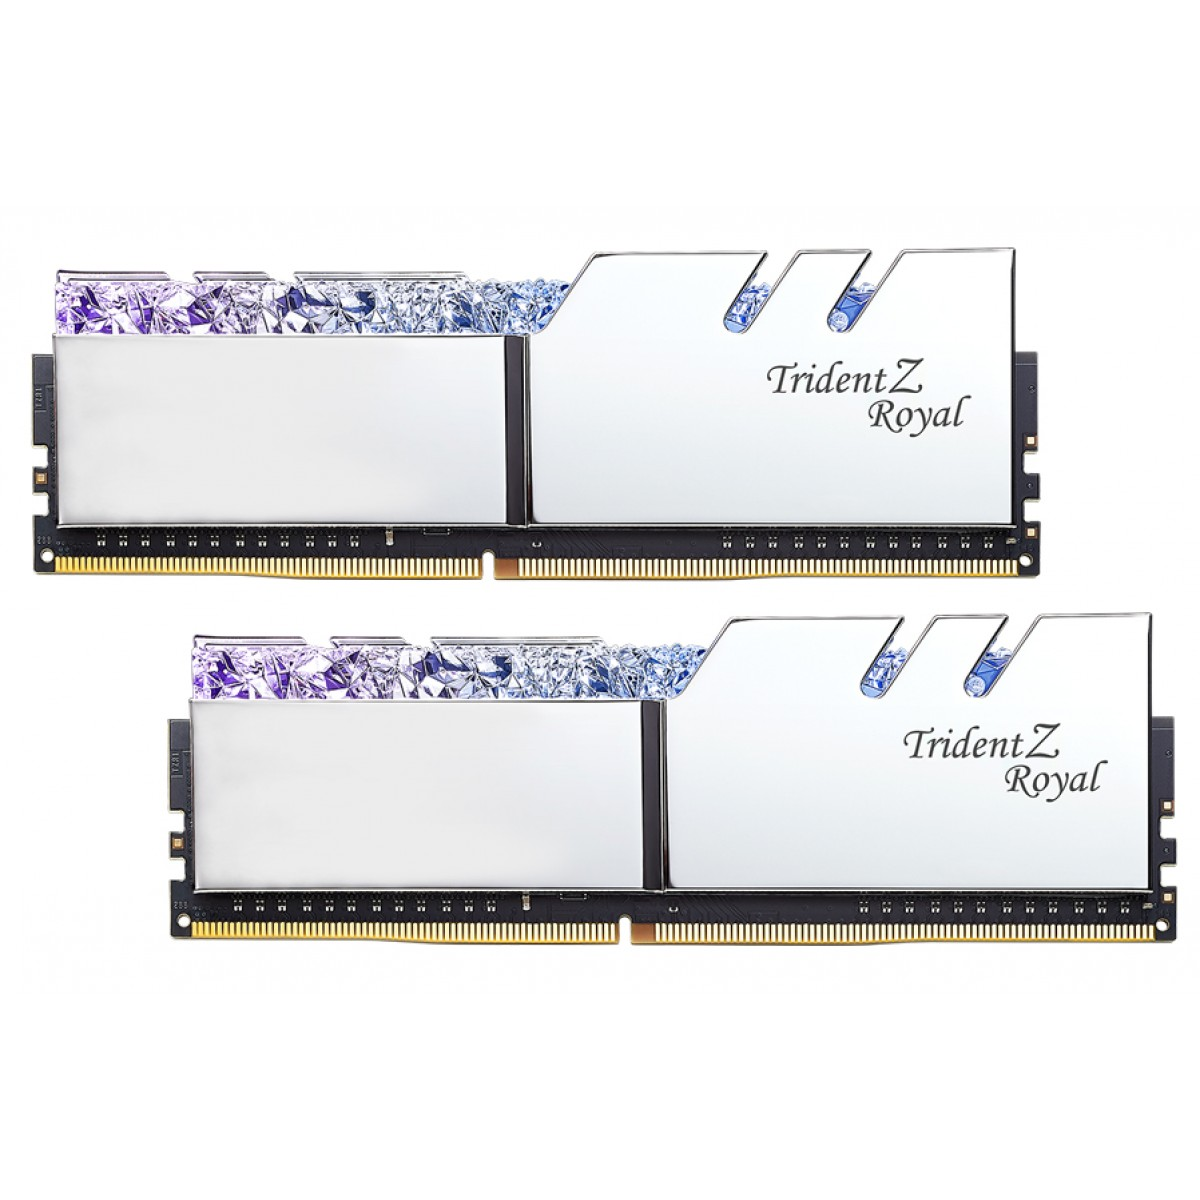 Memória DDR4 G.Skill Trident Z Royal, 16GB (2X8GB) 3200MHz, F4-3200C16D-16GTRS